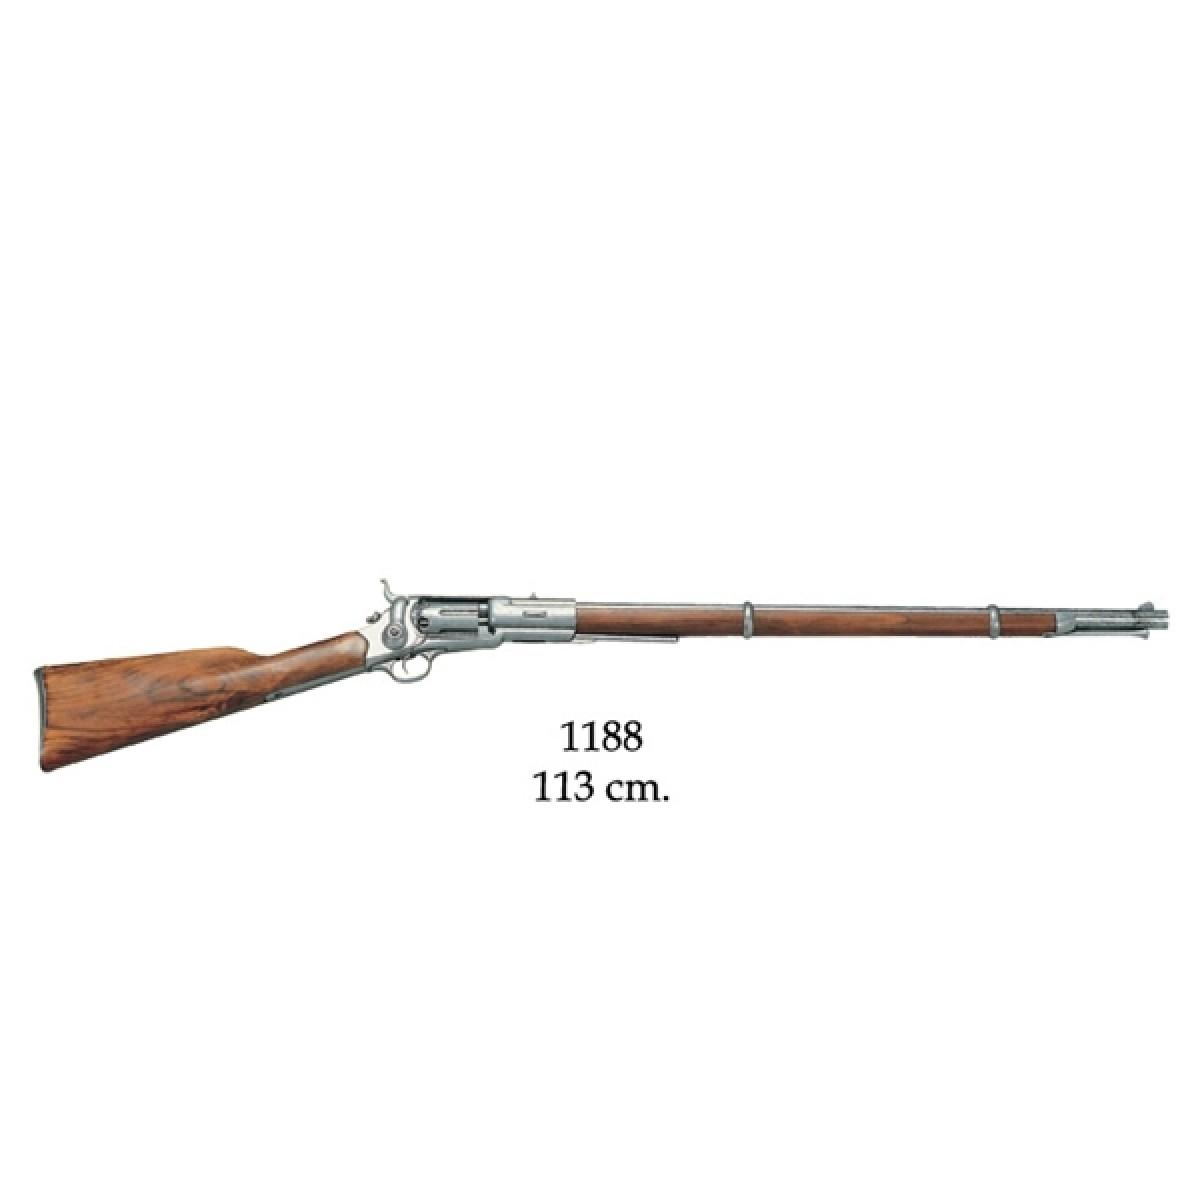 Ружье 6ти зарядное системы Кольт, США, 1850г.